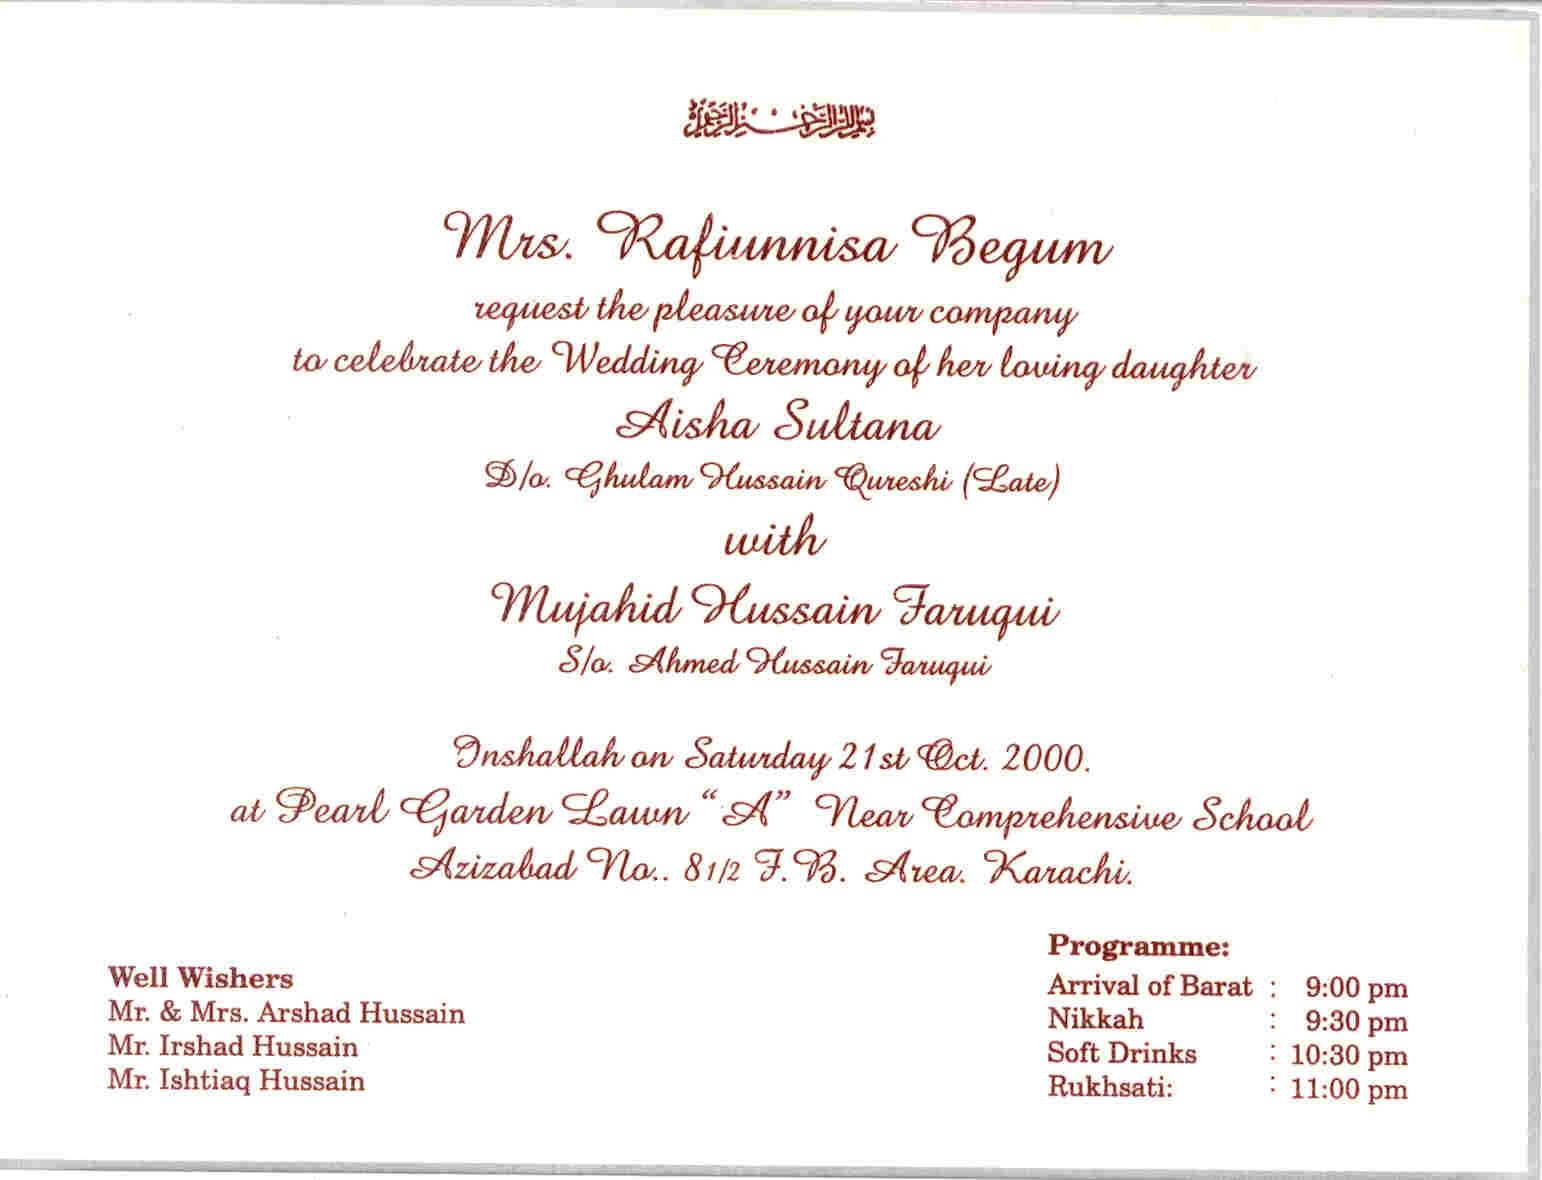 Pakistani Wedding Invitation was adorable invitations sample